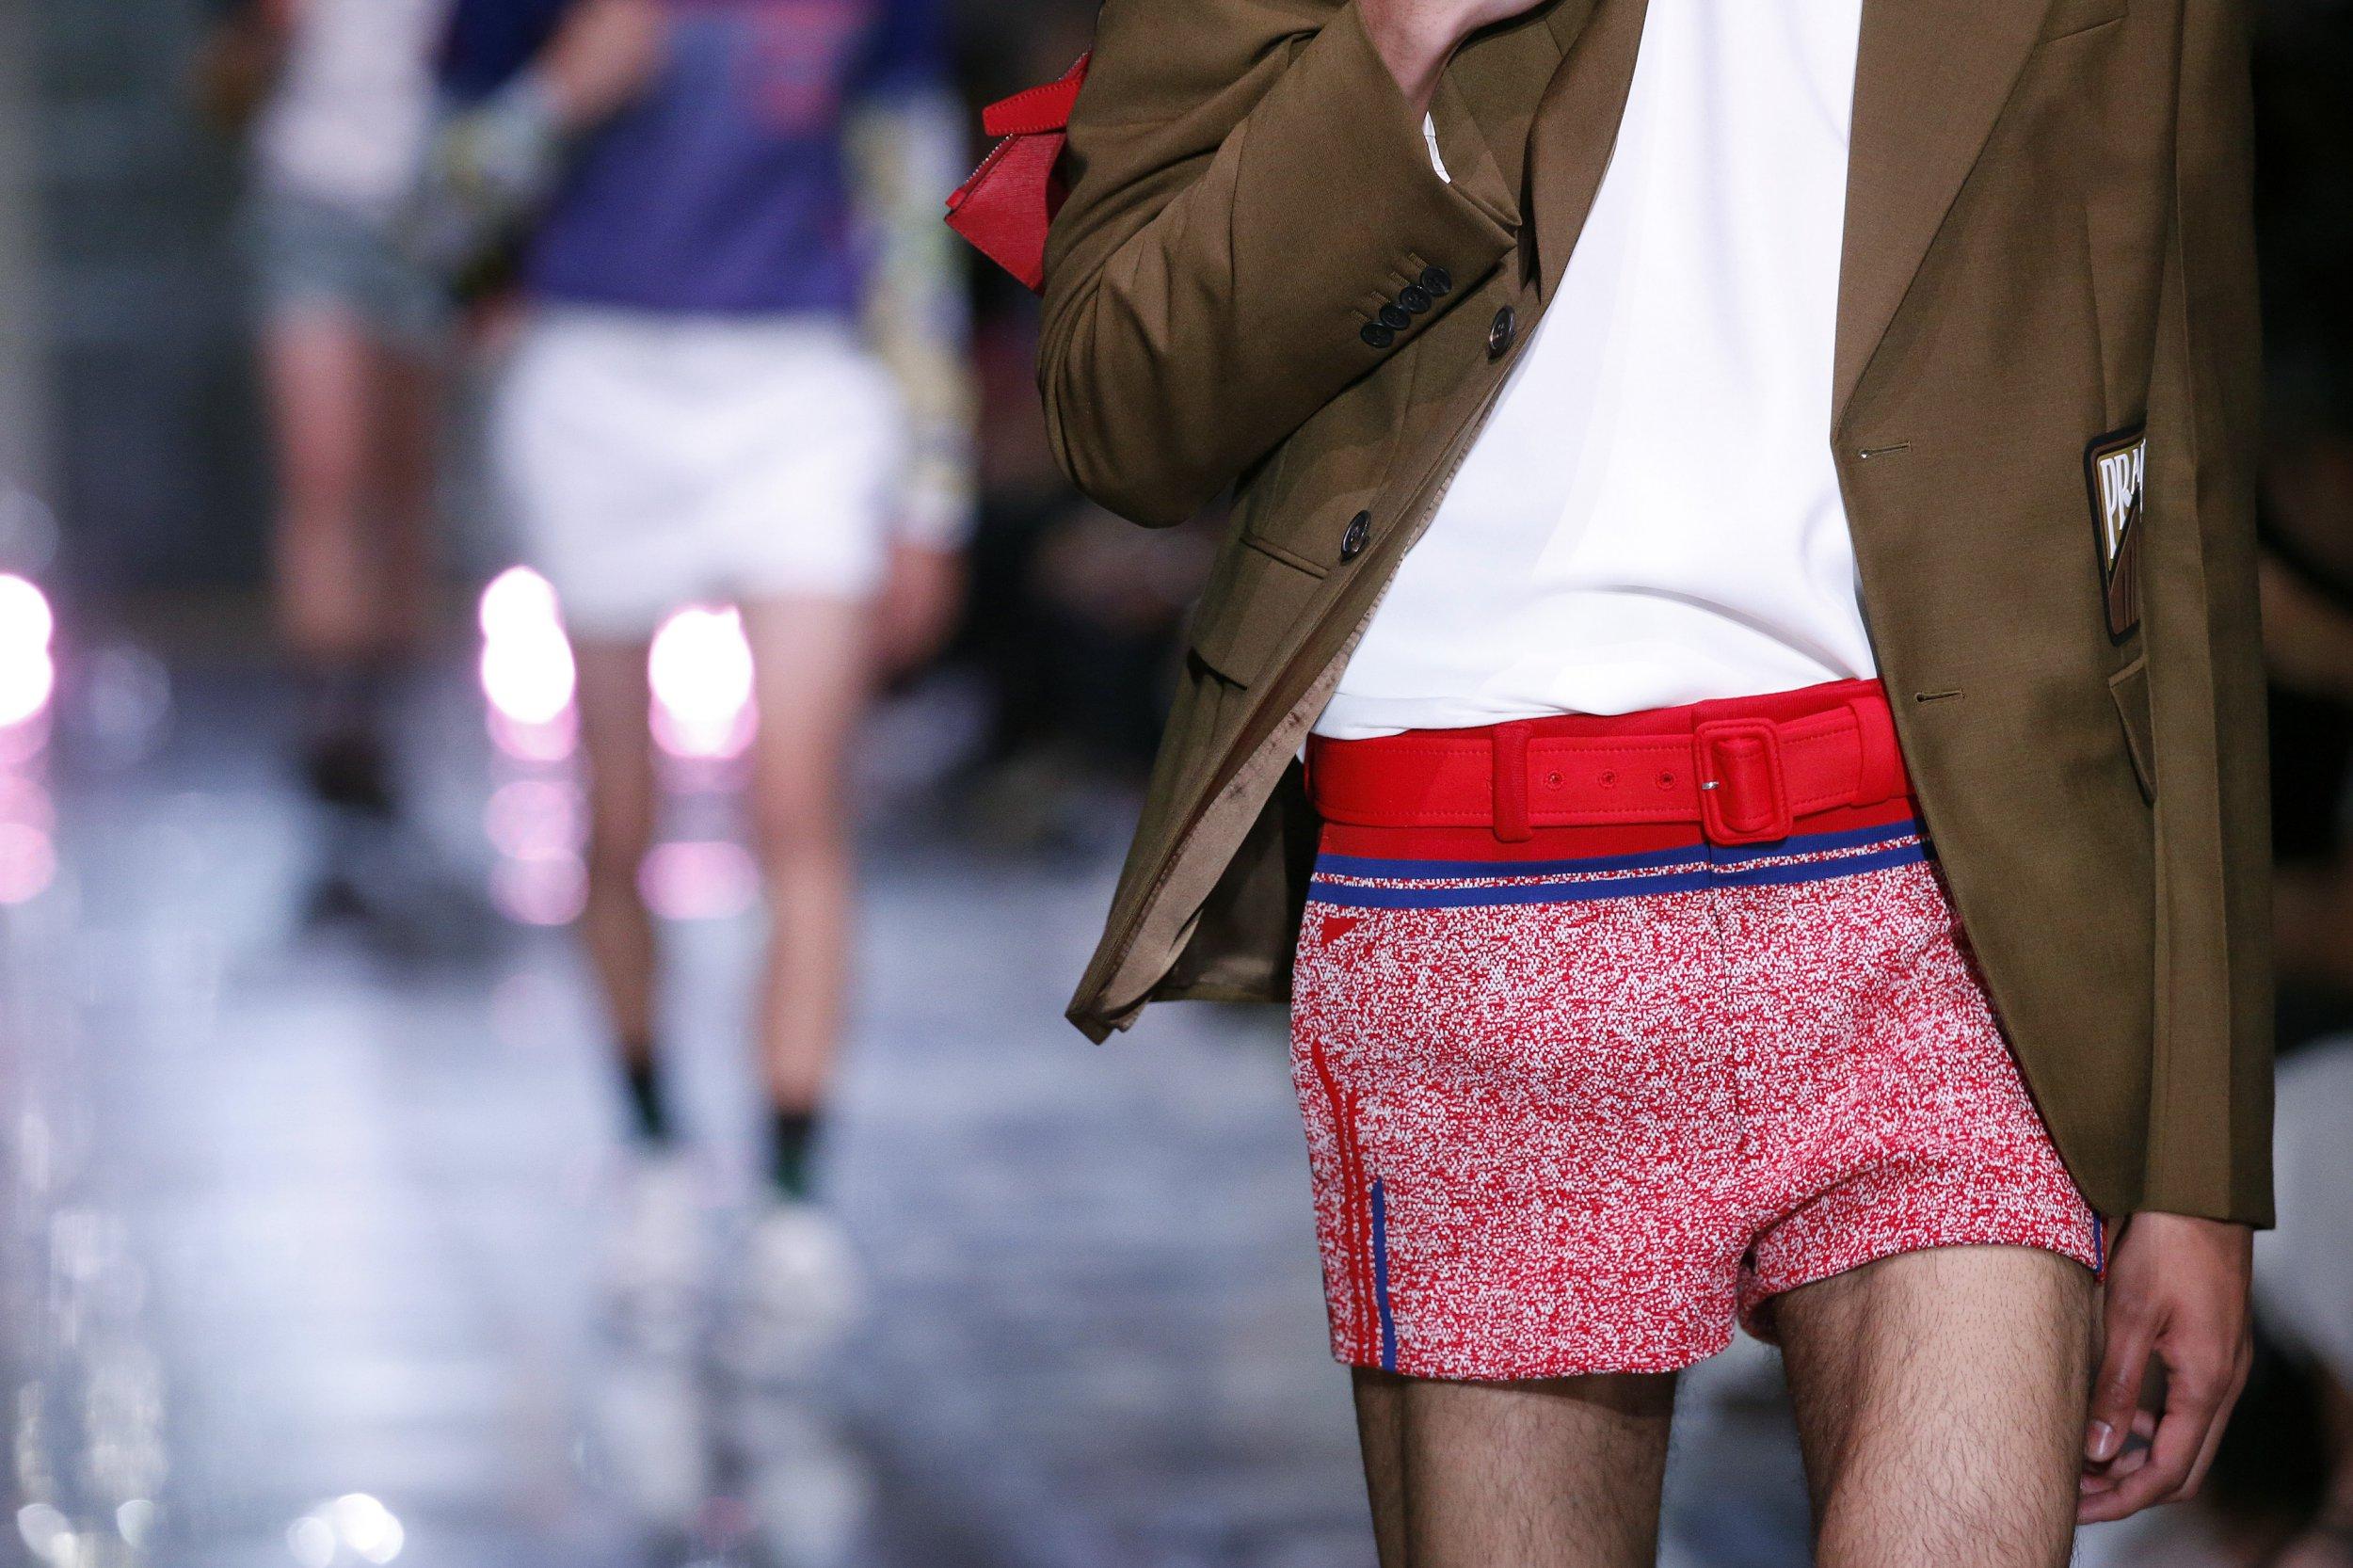 Clothing detail at the Prada show during Milan Men's Fashion Week Spring/Summer 2019 on June 17, 2018 in Milan, Italy.